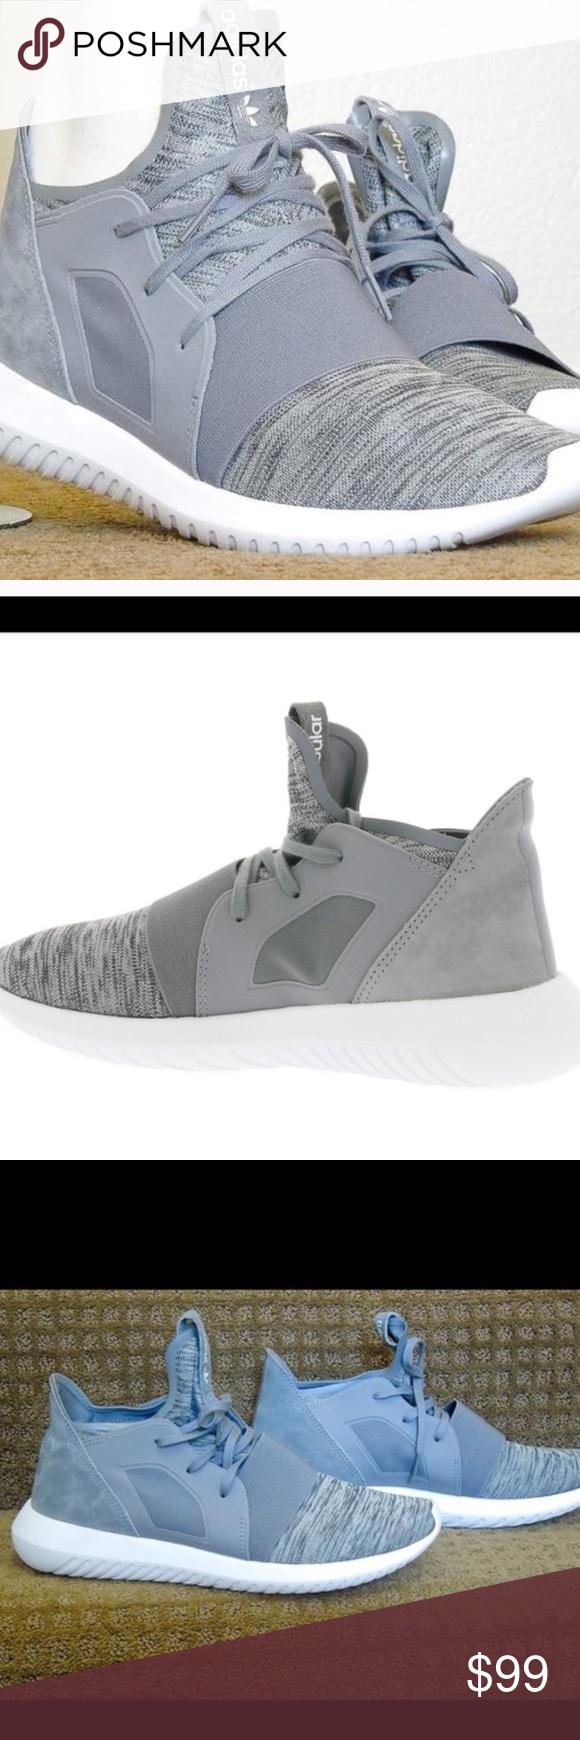 Adidas zapatos y de fútbol de interior usados Estos han sido zapatos usados y hay 4d0454b - allpoints.host